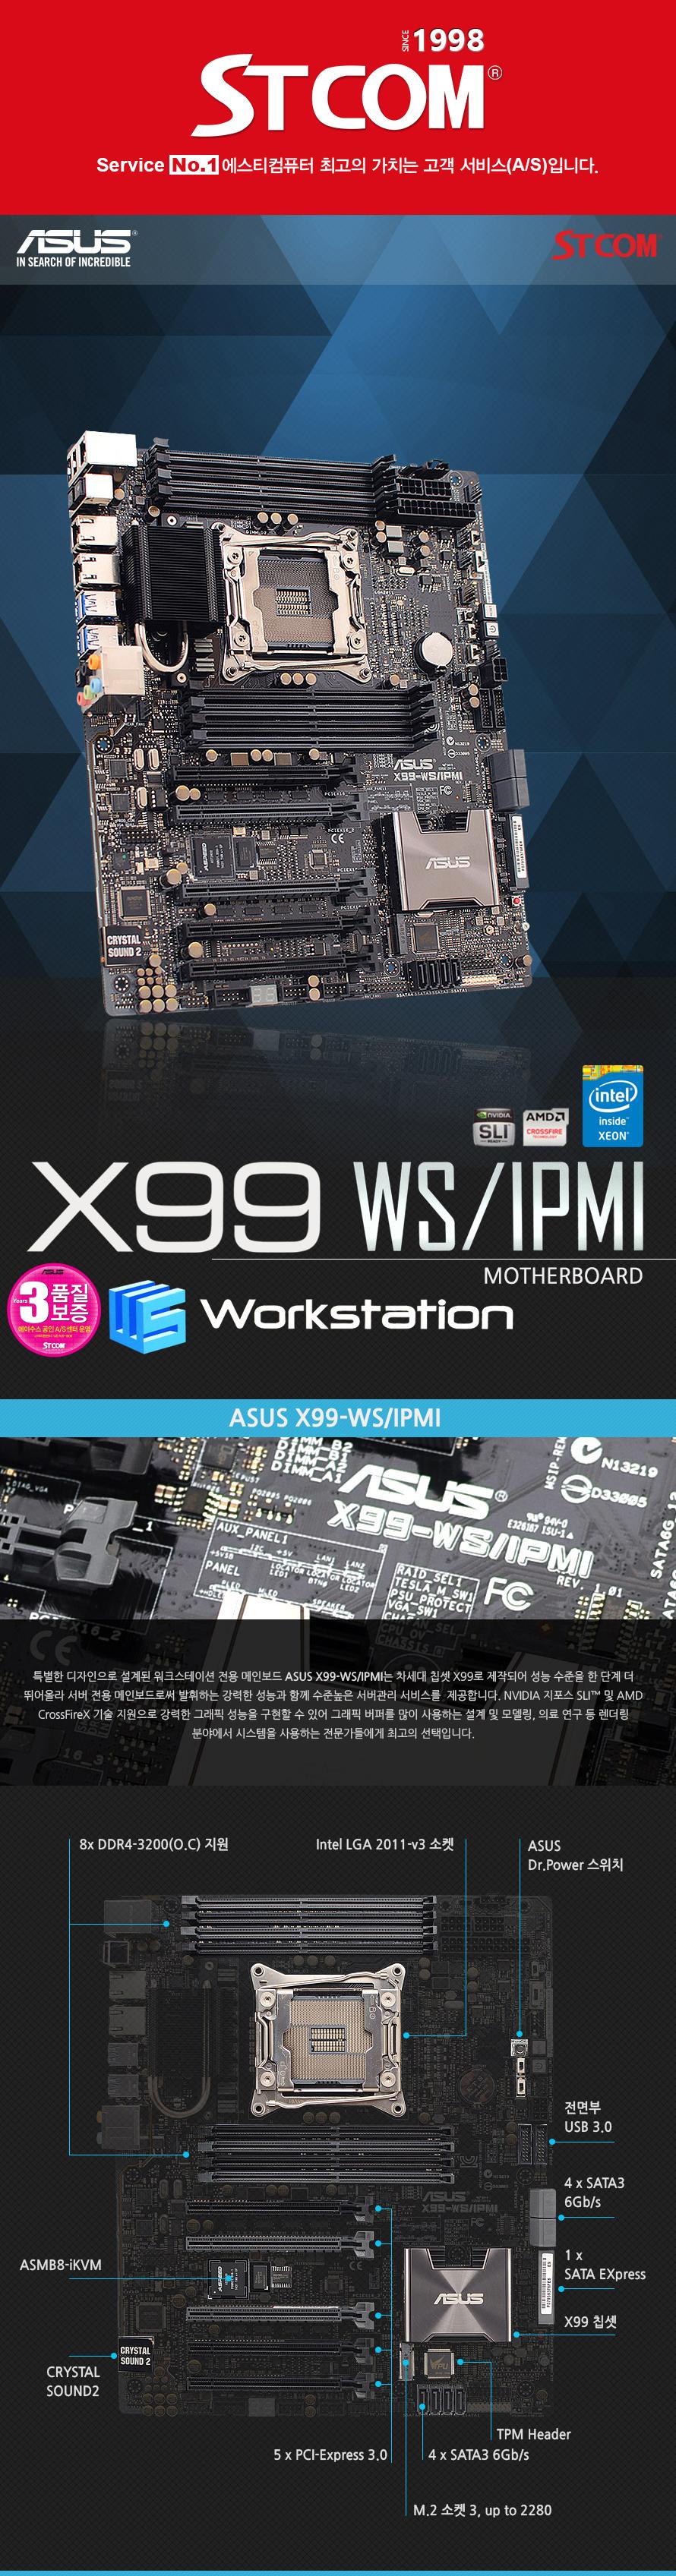 x99-ws-ipmi-1_01